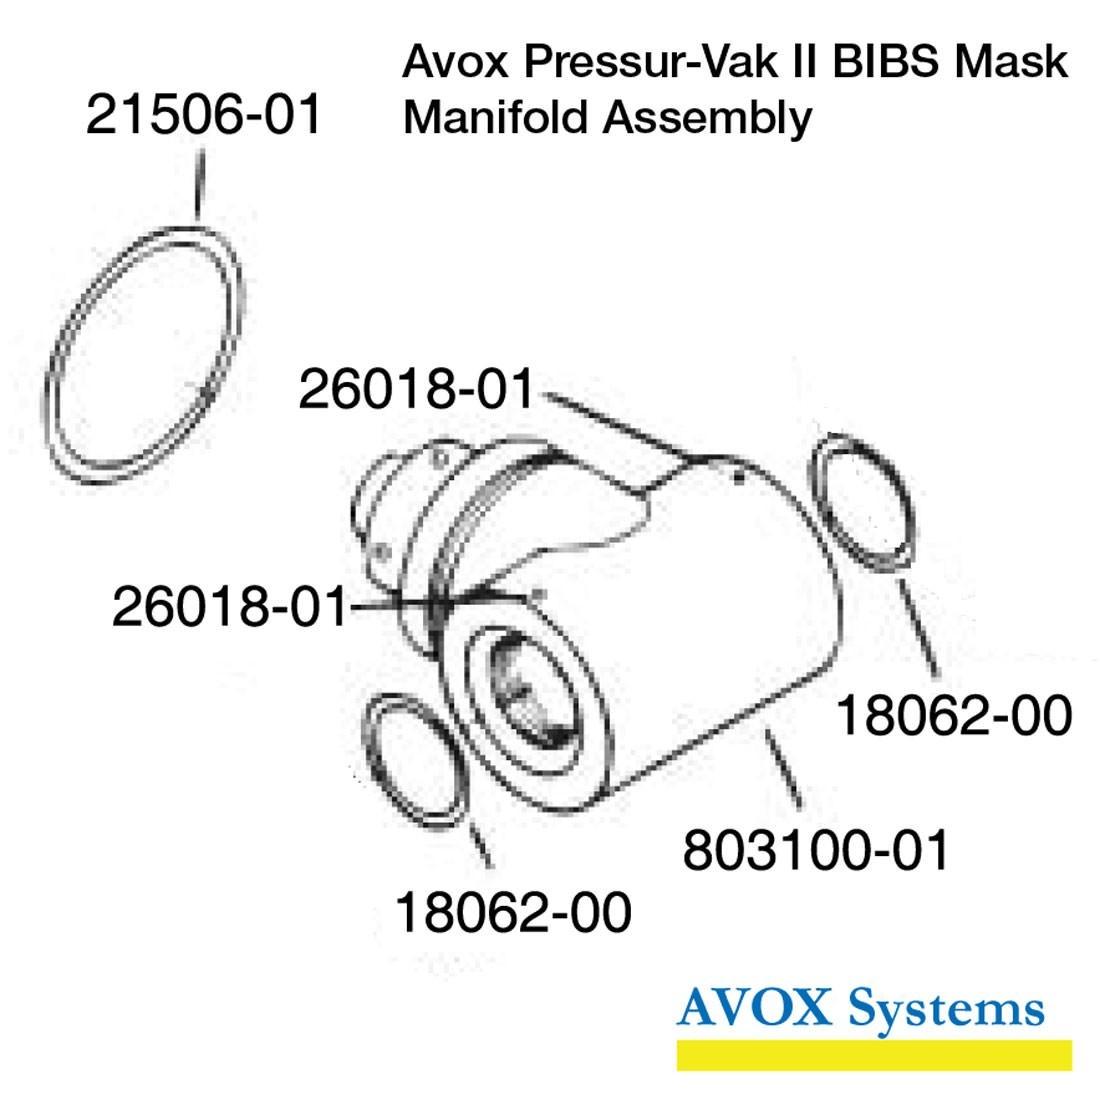 Avox Pressur-Vak II BIBS Mask - Manifold Assembly